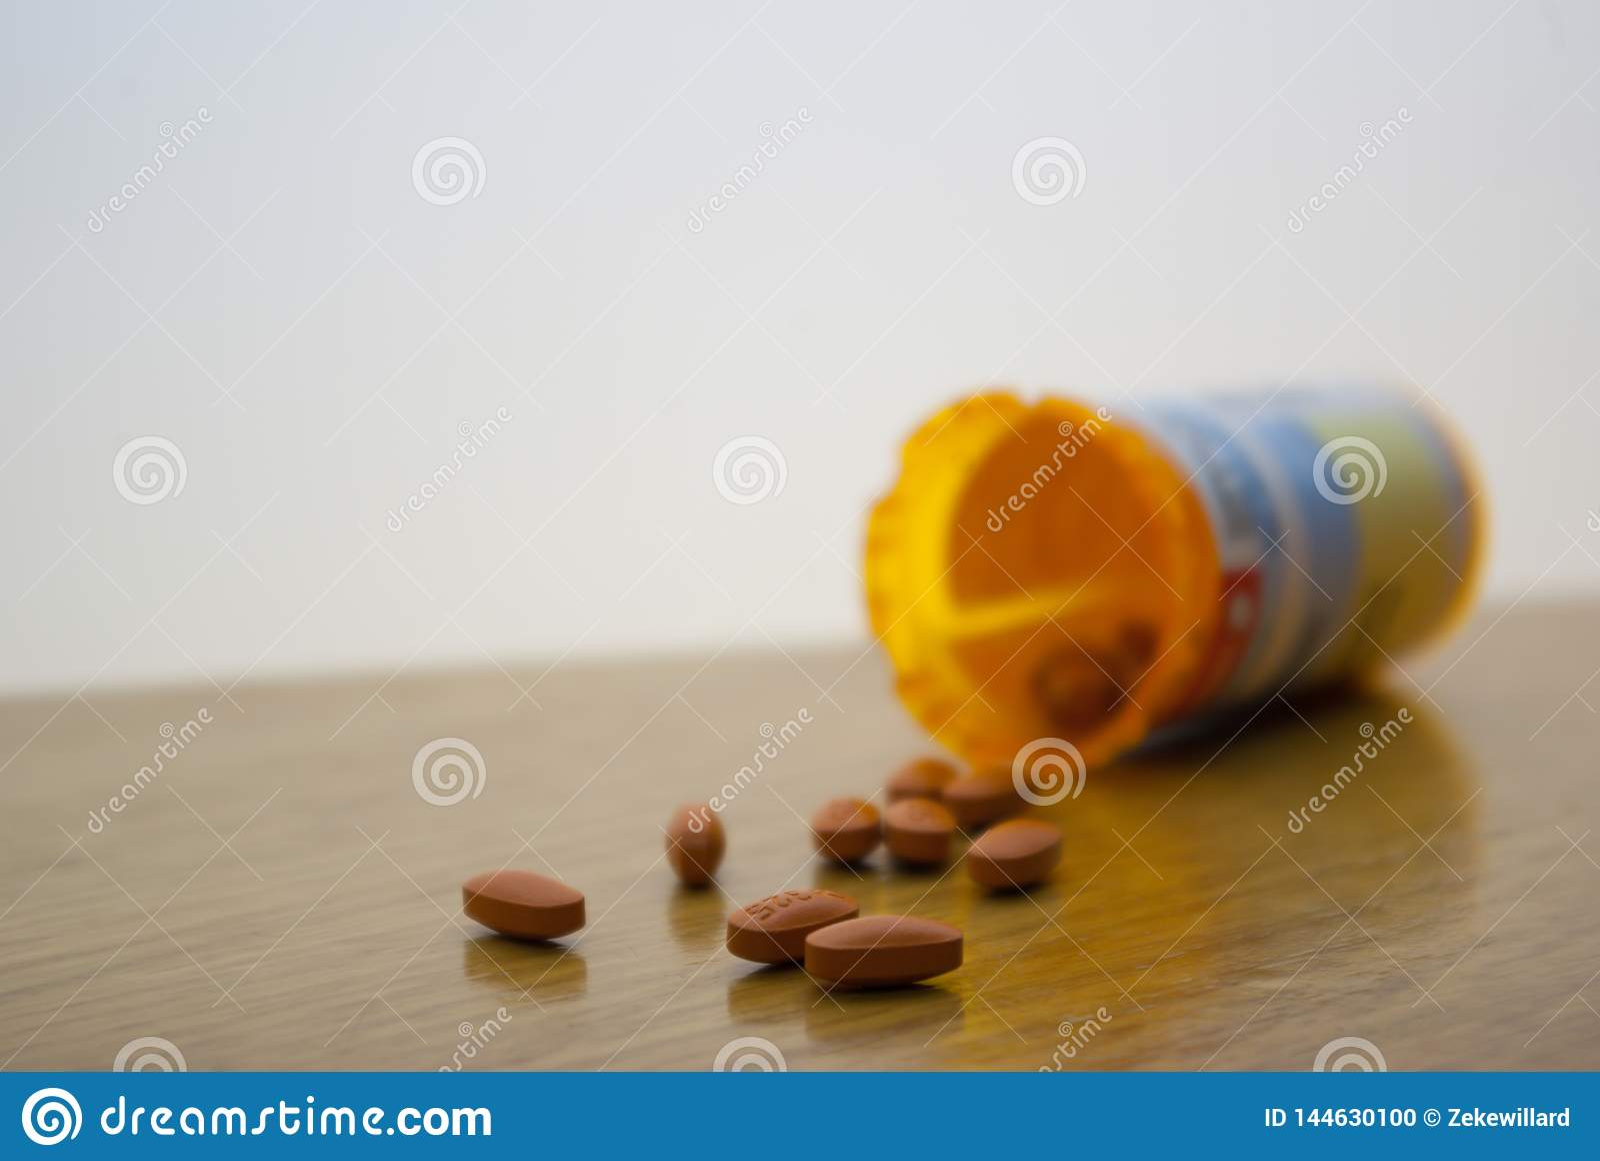 Verschüttete orange Pillen auf weißer Oberfläche